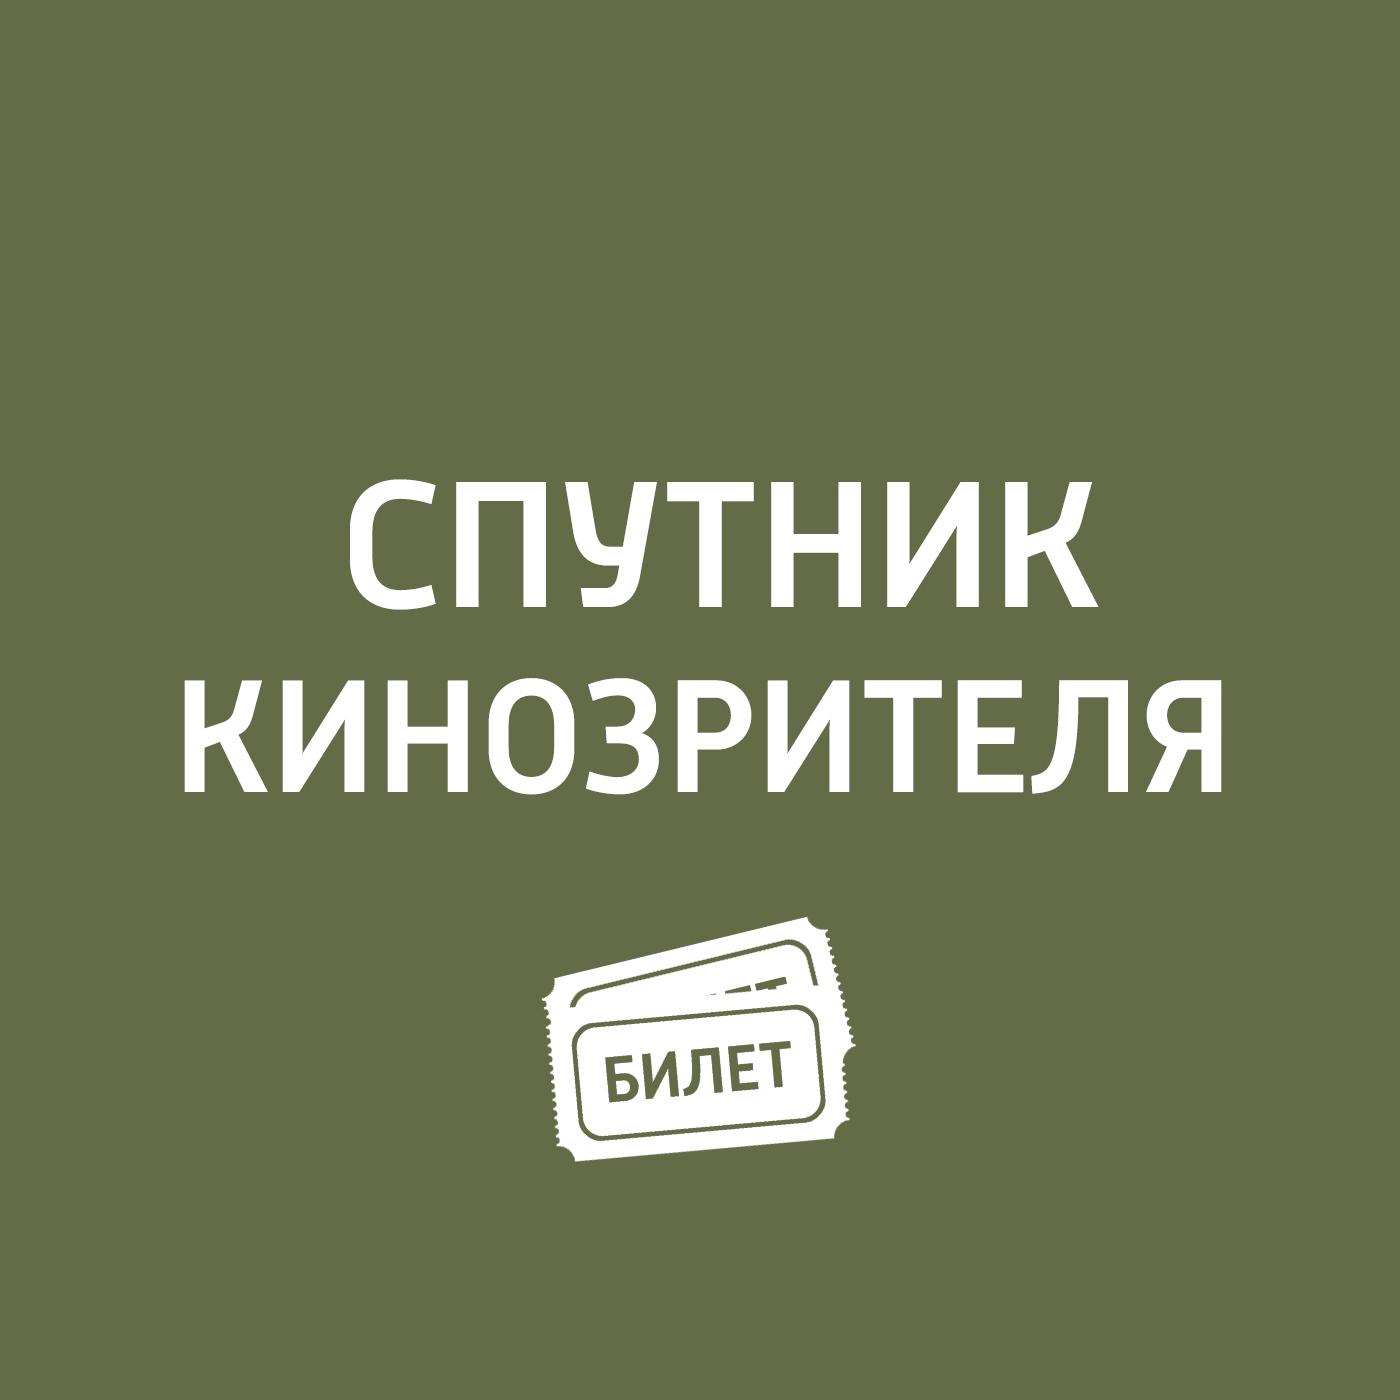 Антон Долин Оз: Великий и Ужасный, «Секс и ничего лишнего и др.